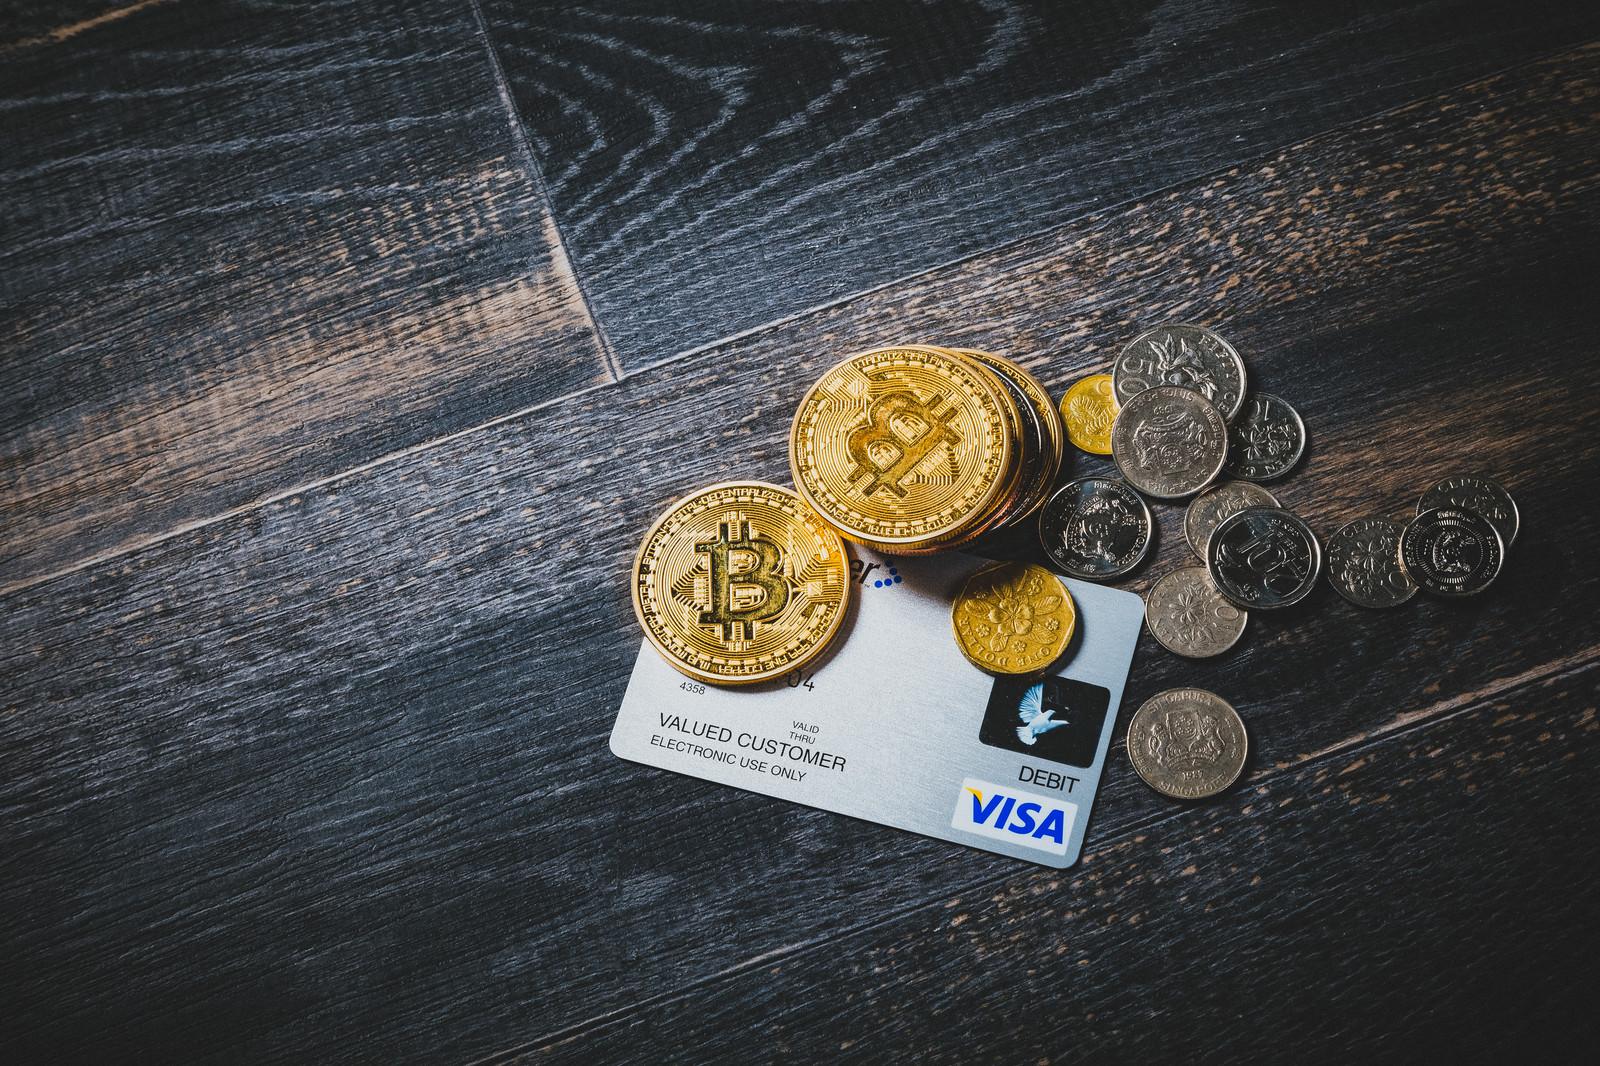 2枚目のクレジットカードは楽天かAmazonか